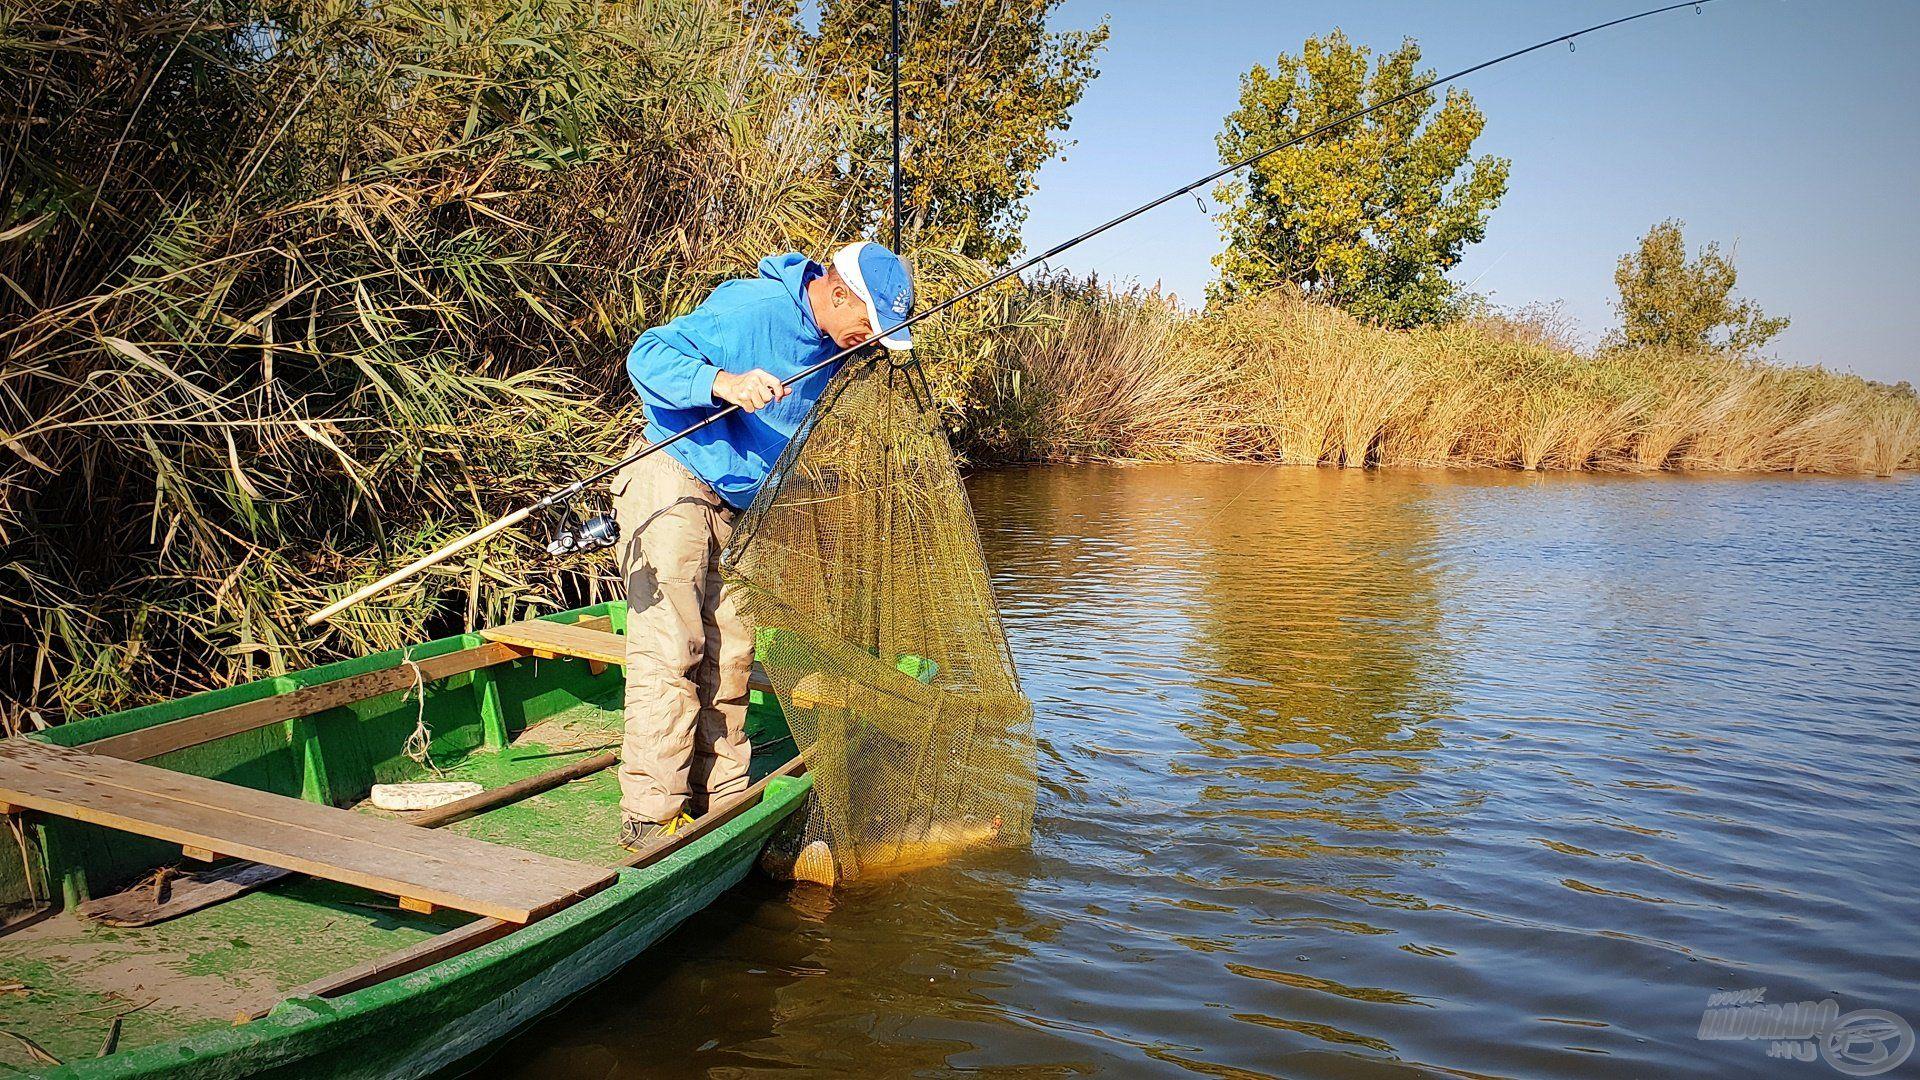 A következő hal sikeres szákba tereléséhez csónakba szálltam